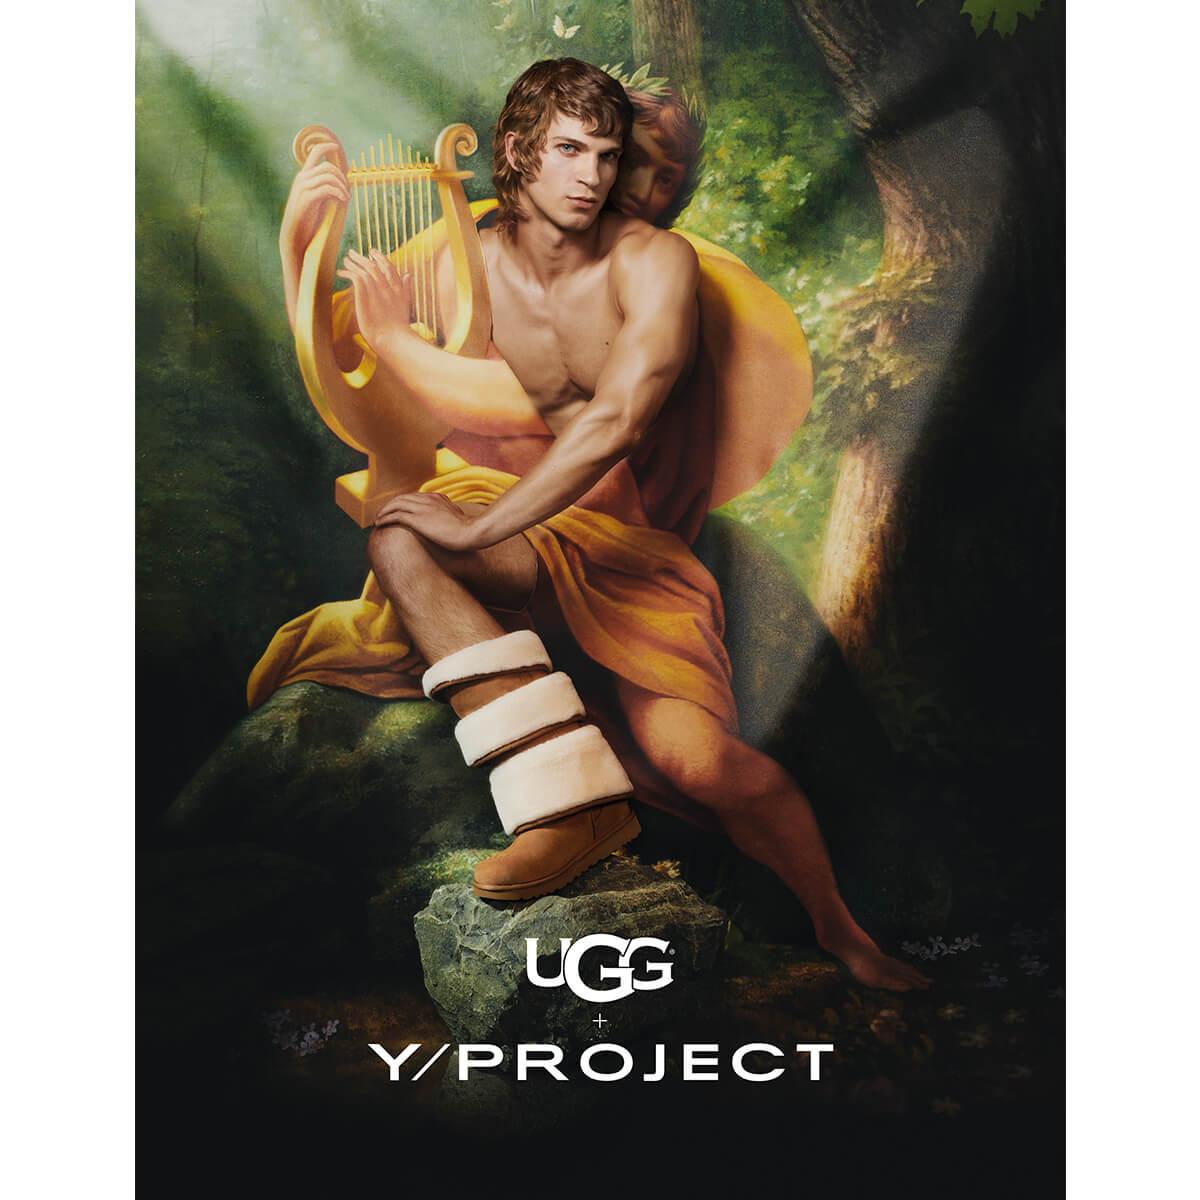 ugg-y-project